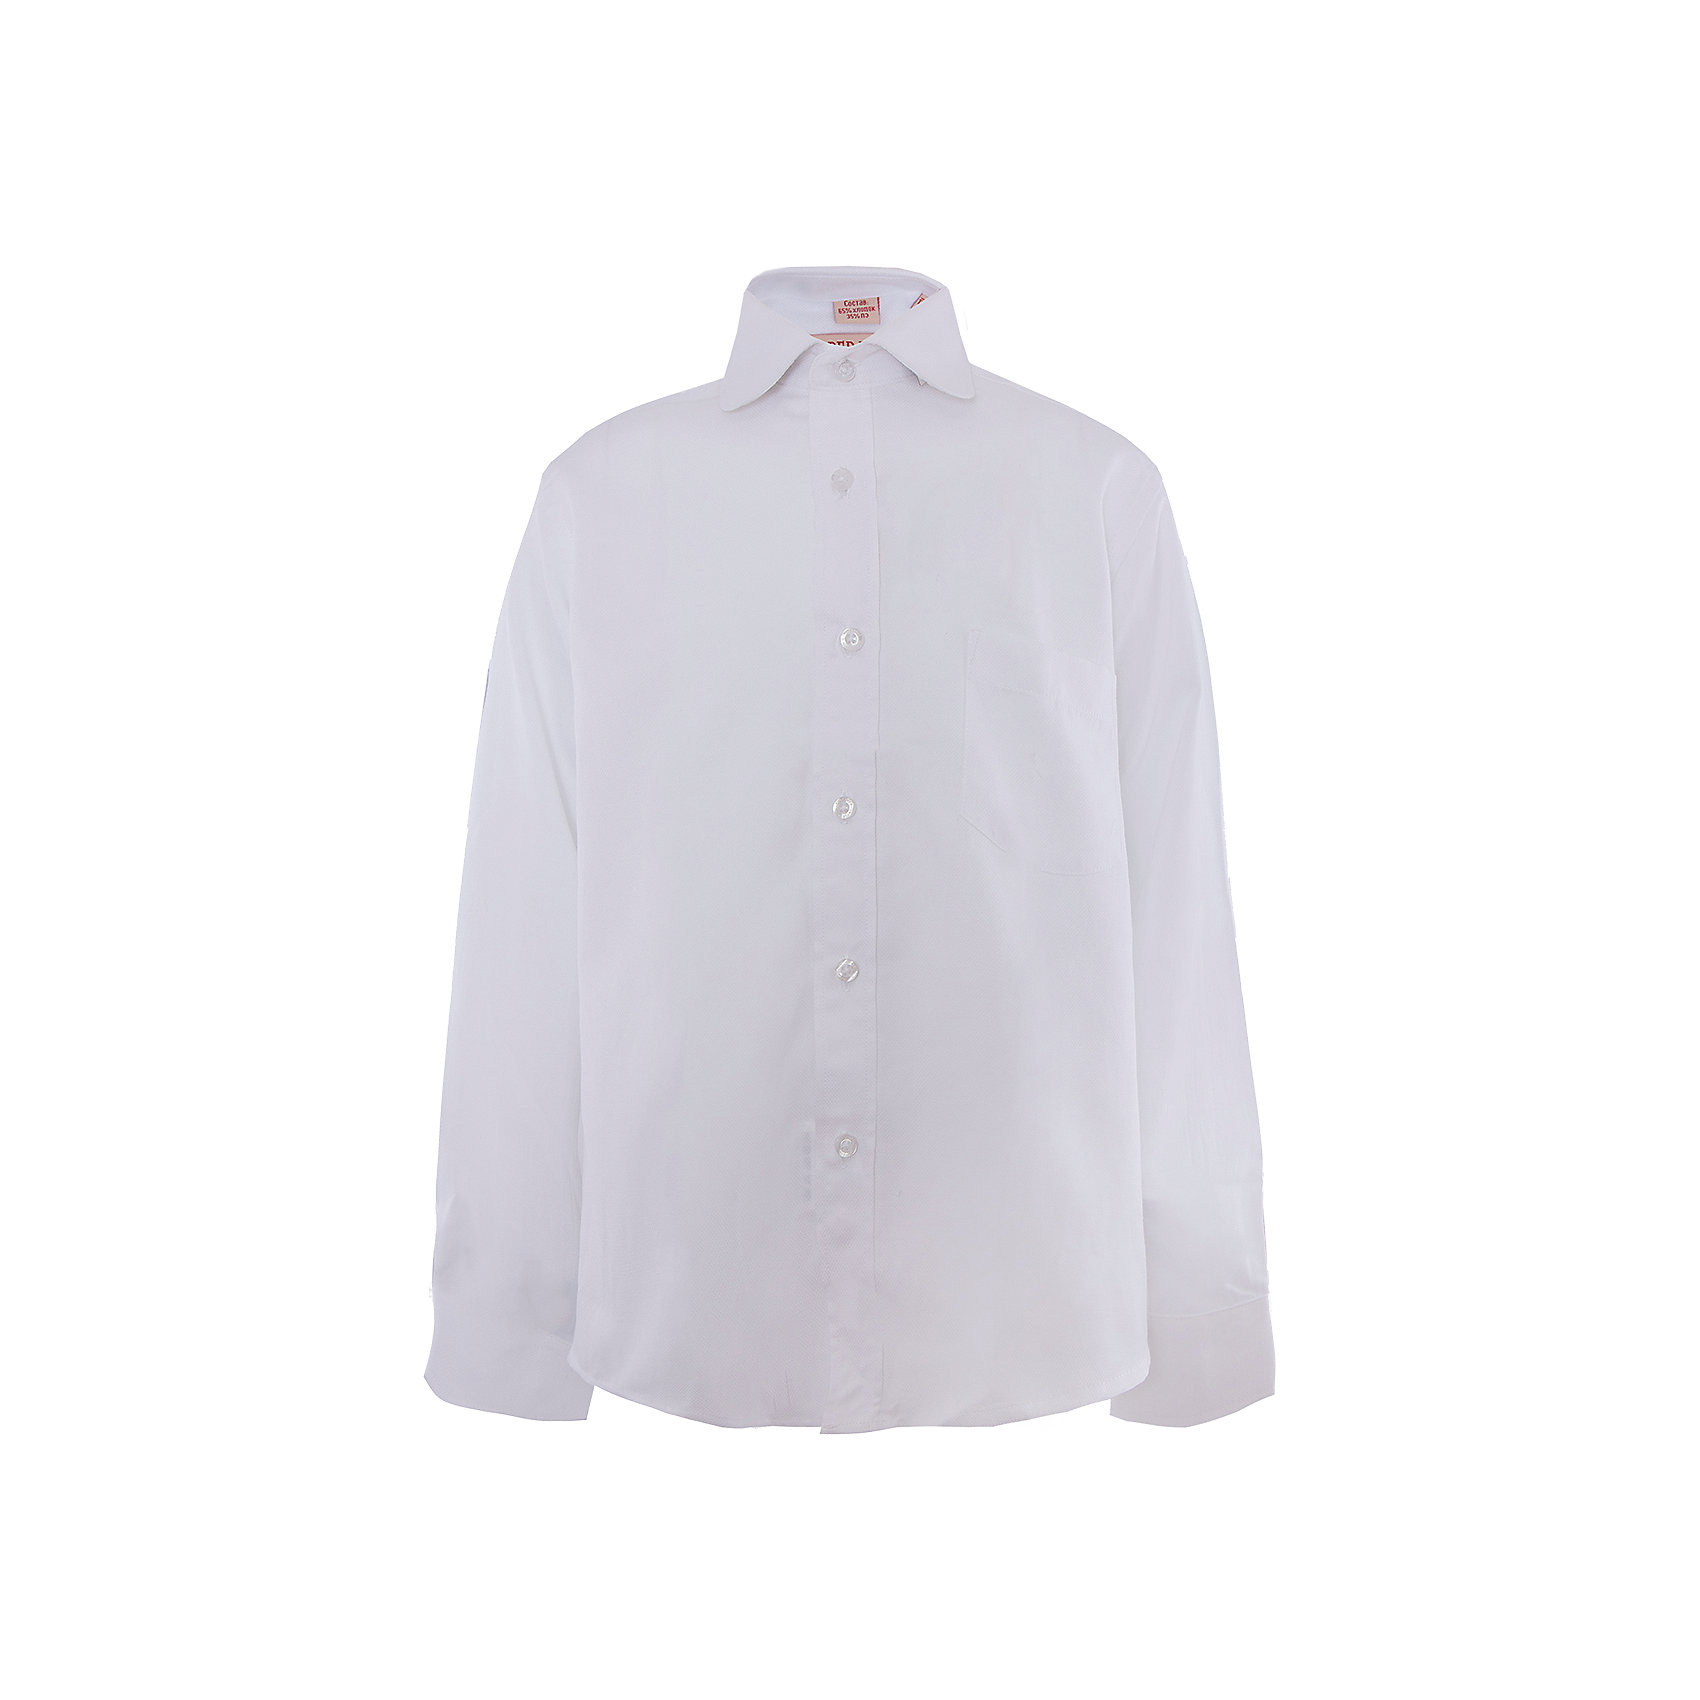 Рубашка для мальчика ImperatorБлузки и рубашки<br>Классическая рубашка - неотьемлемая вещь в гардеробе. Модель на пуговицах, с отложным воротником. Свободный покрой не стеснит движений и позволит чувствовать себя комфортно каждый день.  Состав 65 % хл. 35% П/Э<br><br>Ширина мм: 174<br>Глубина мм: 10<br>Высота мм: 169<br>Вес г: 157<br>Цвет: белый<br>Возраст от месяцев: 120<br>Возраст до месяцев: 132<br>Пол: Мужской<br>Возраст: Детский<br>Размер: 140/146,146/152,152/158,158/164,164/170,122/128,128/134,134/140<br>SKU: 4749226